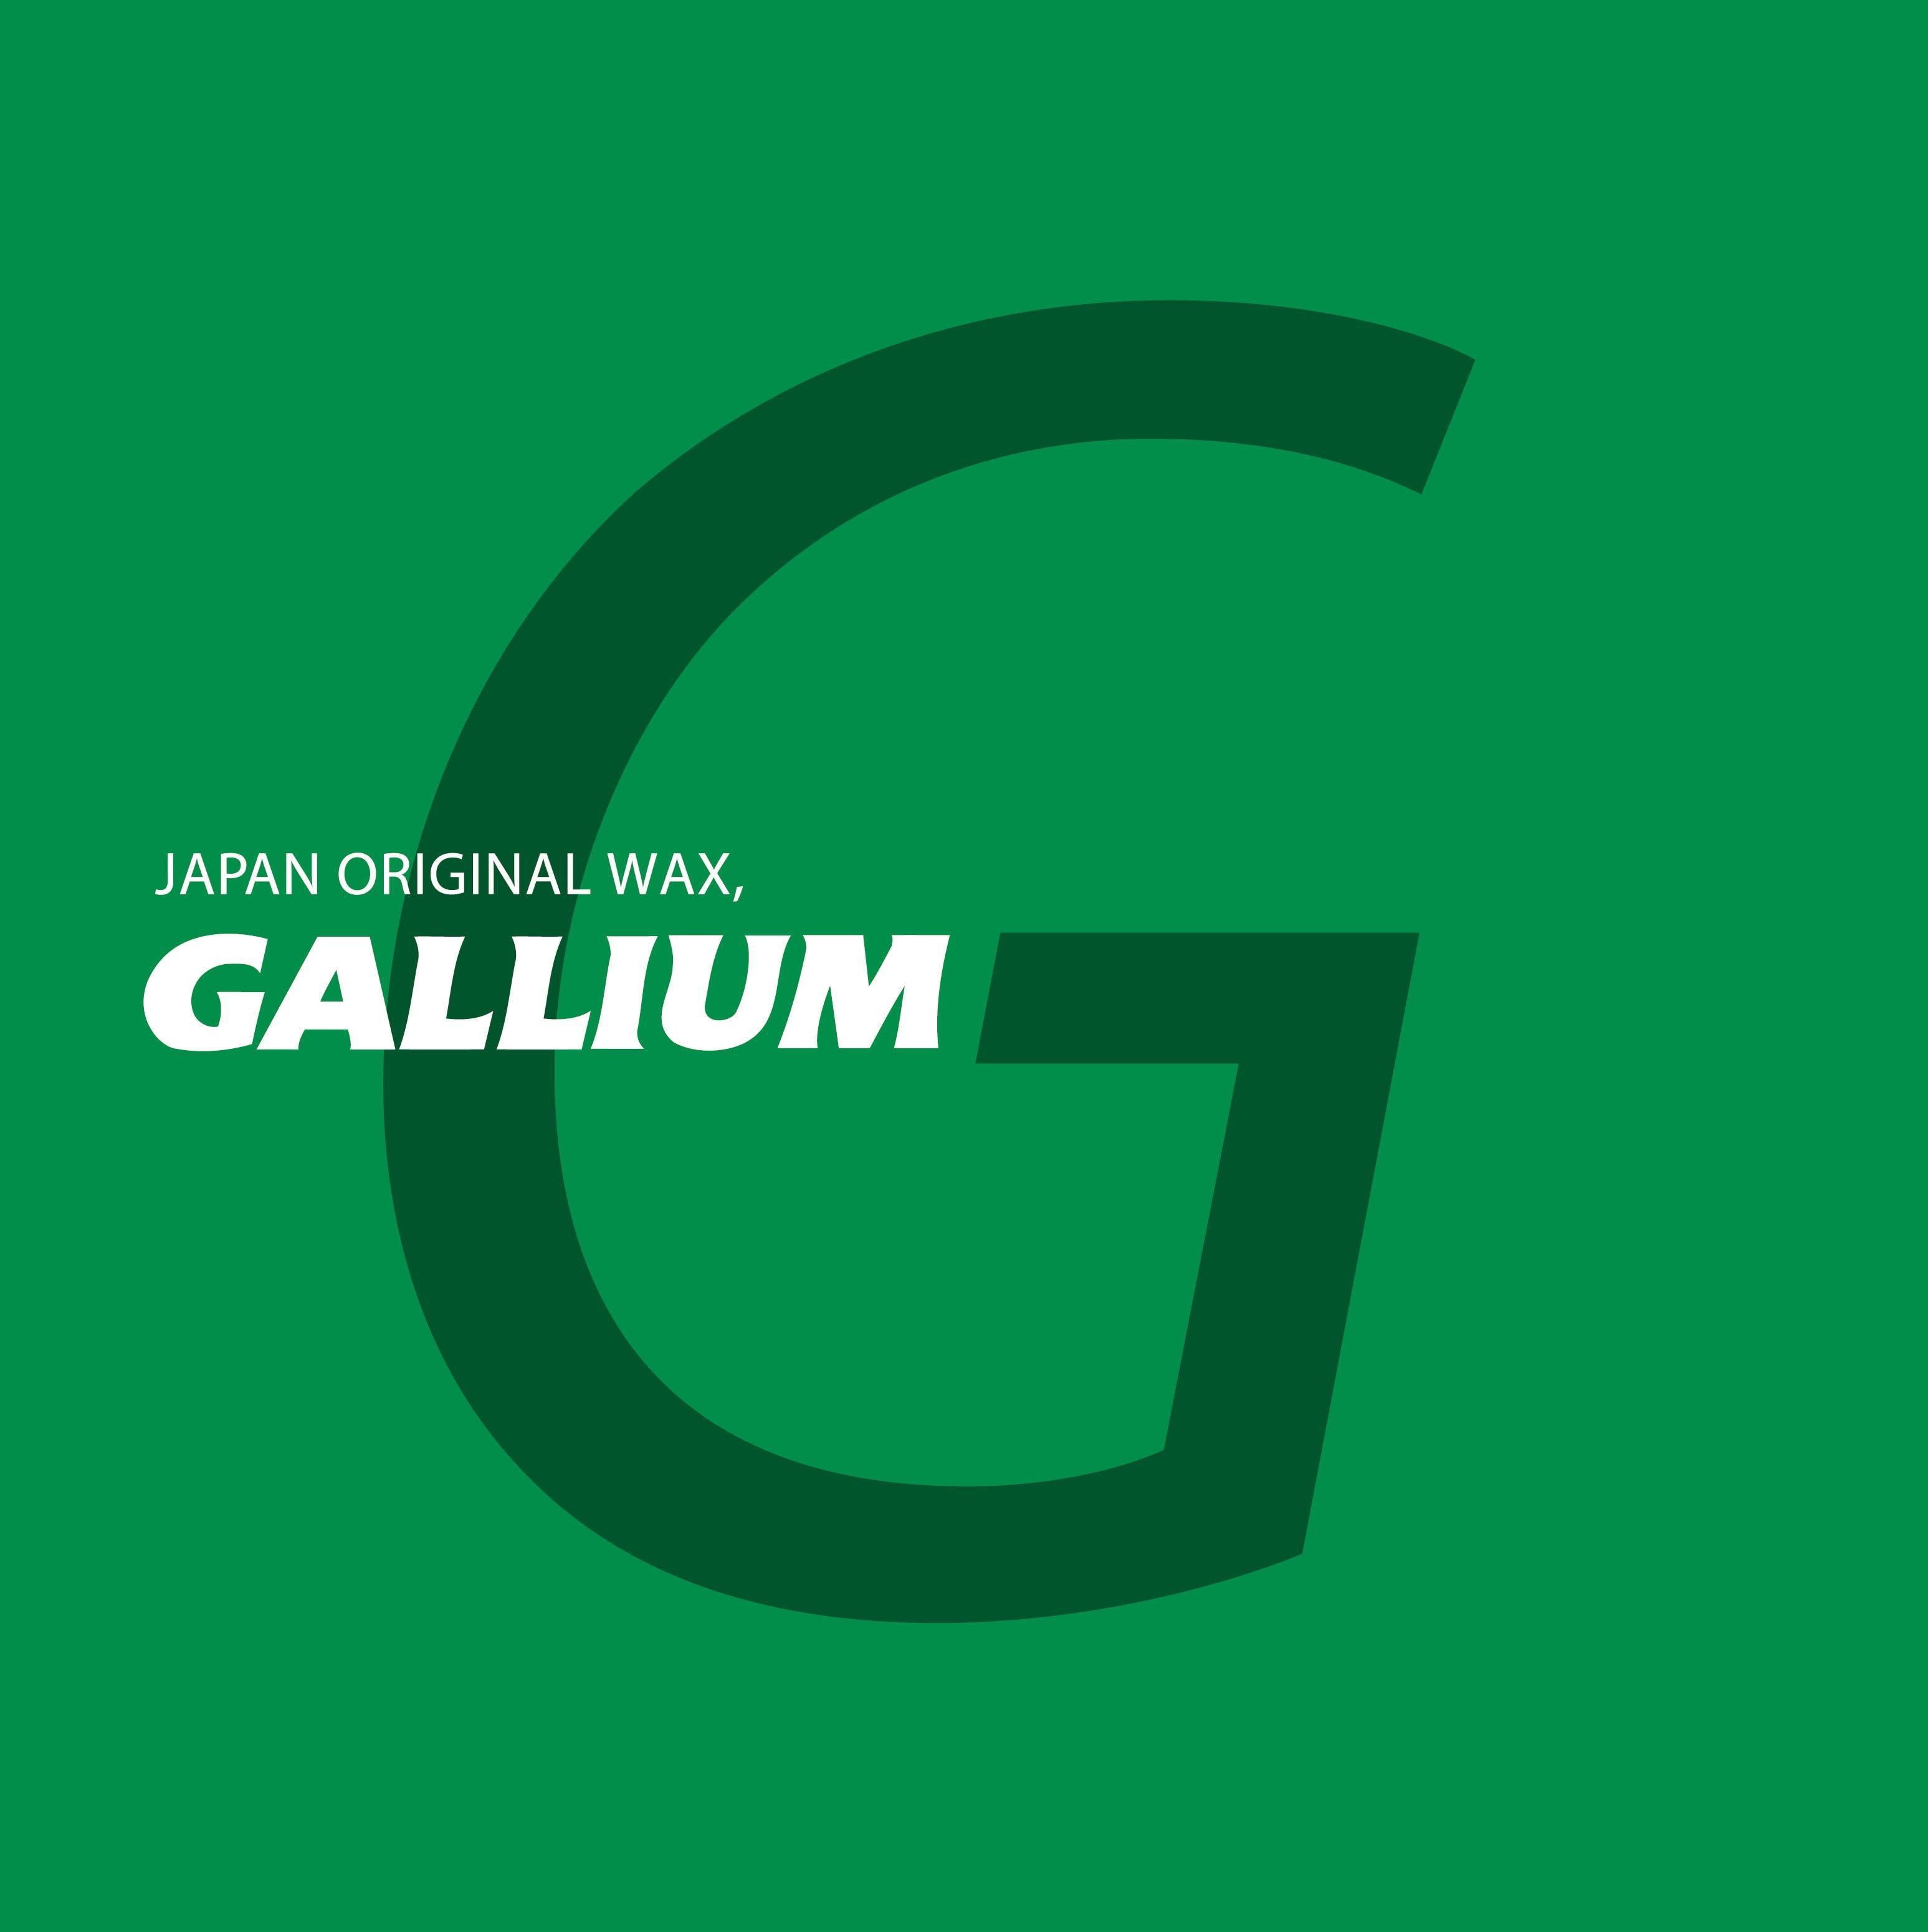 galliumロゴ